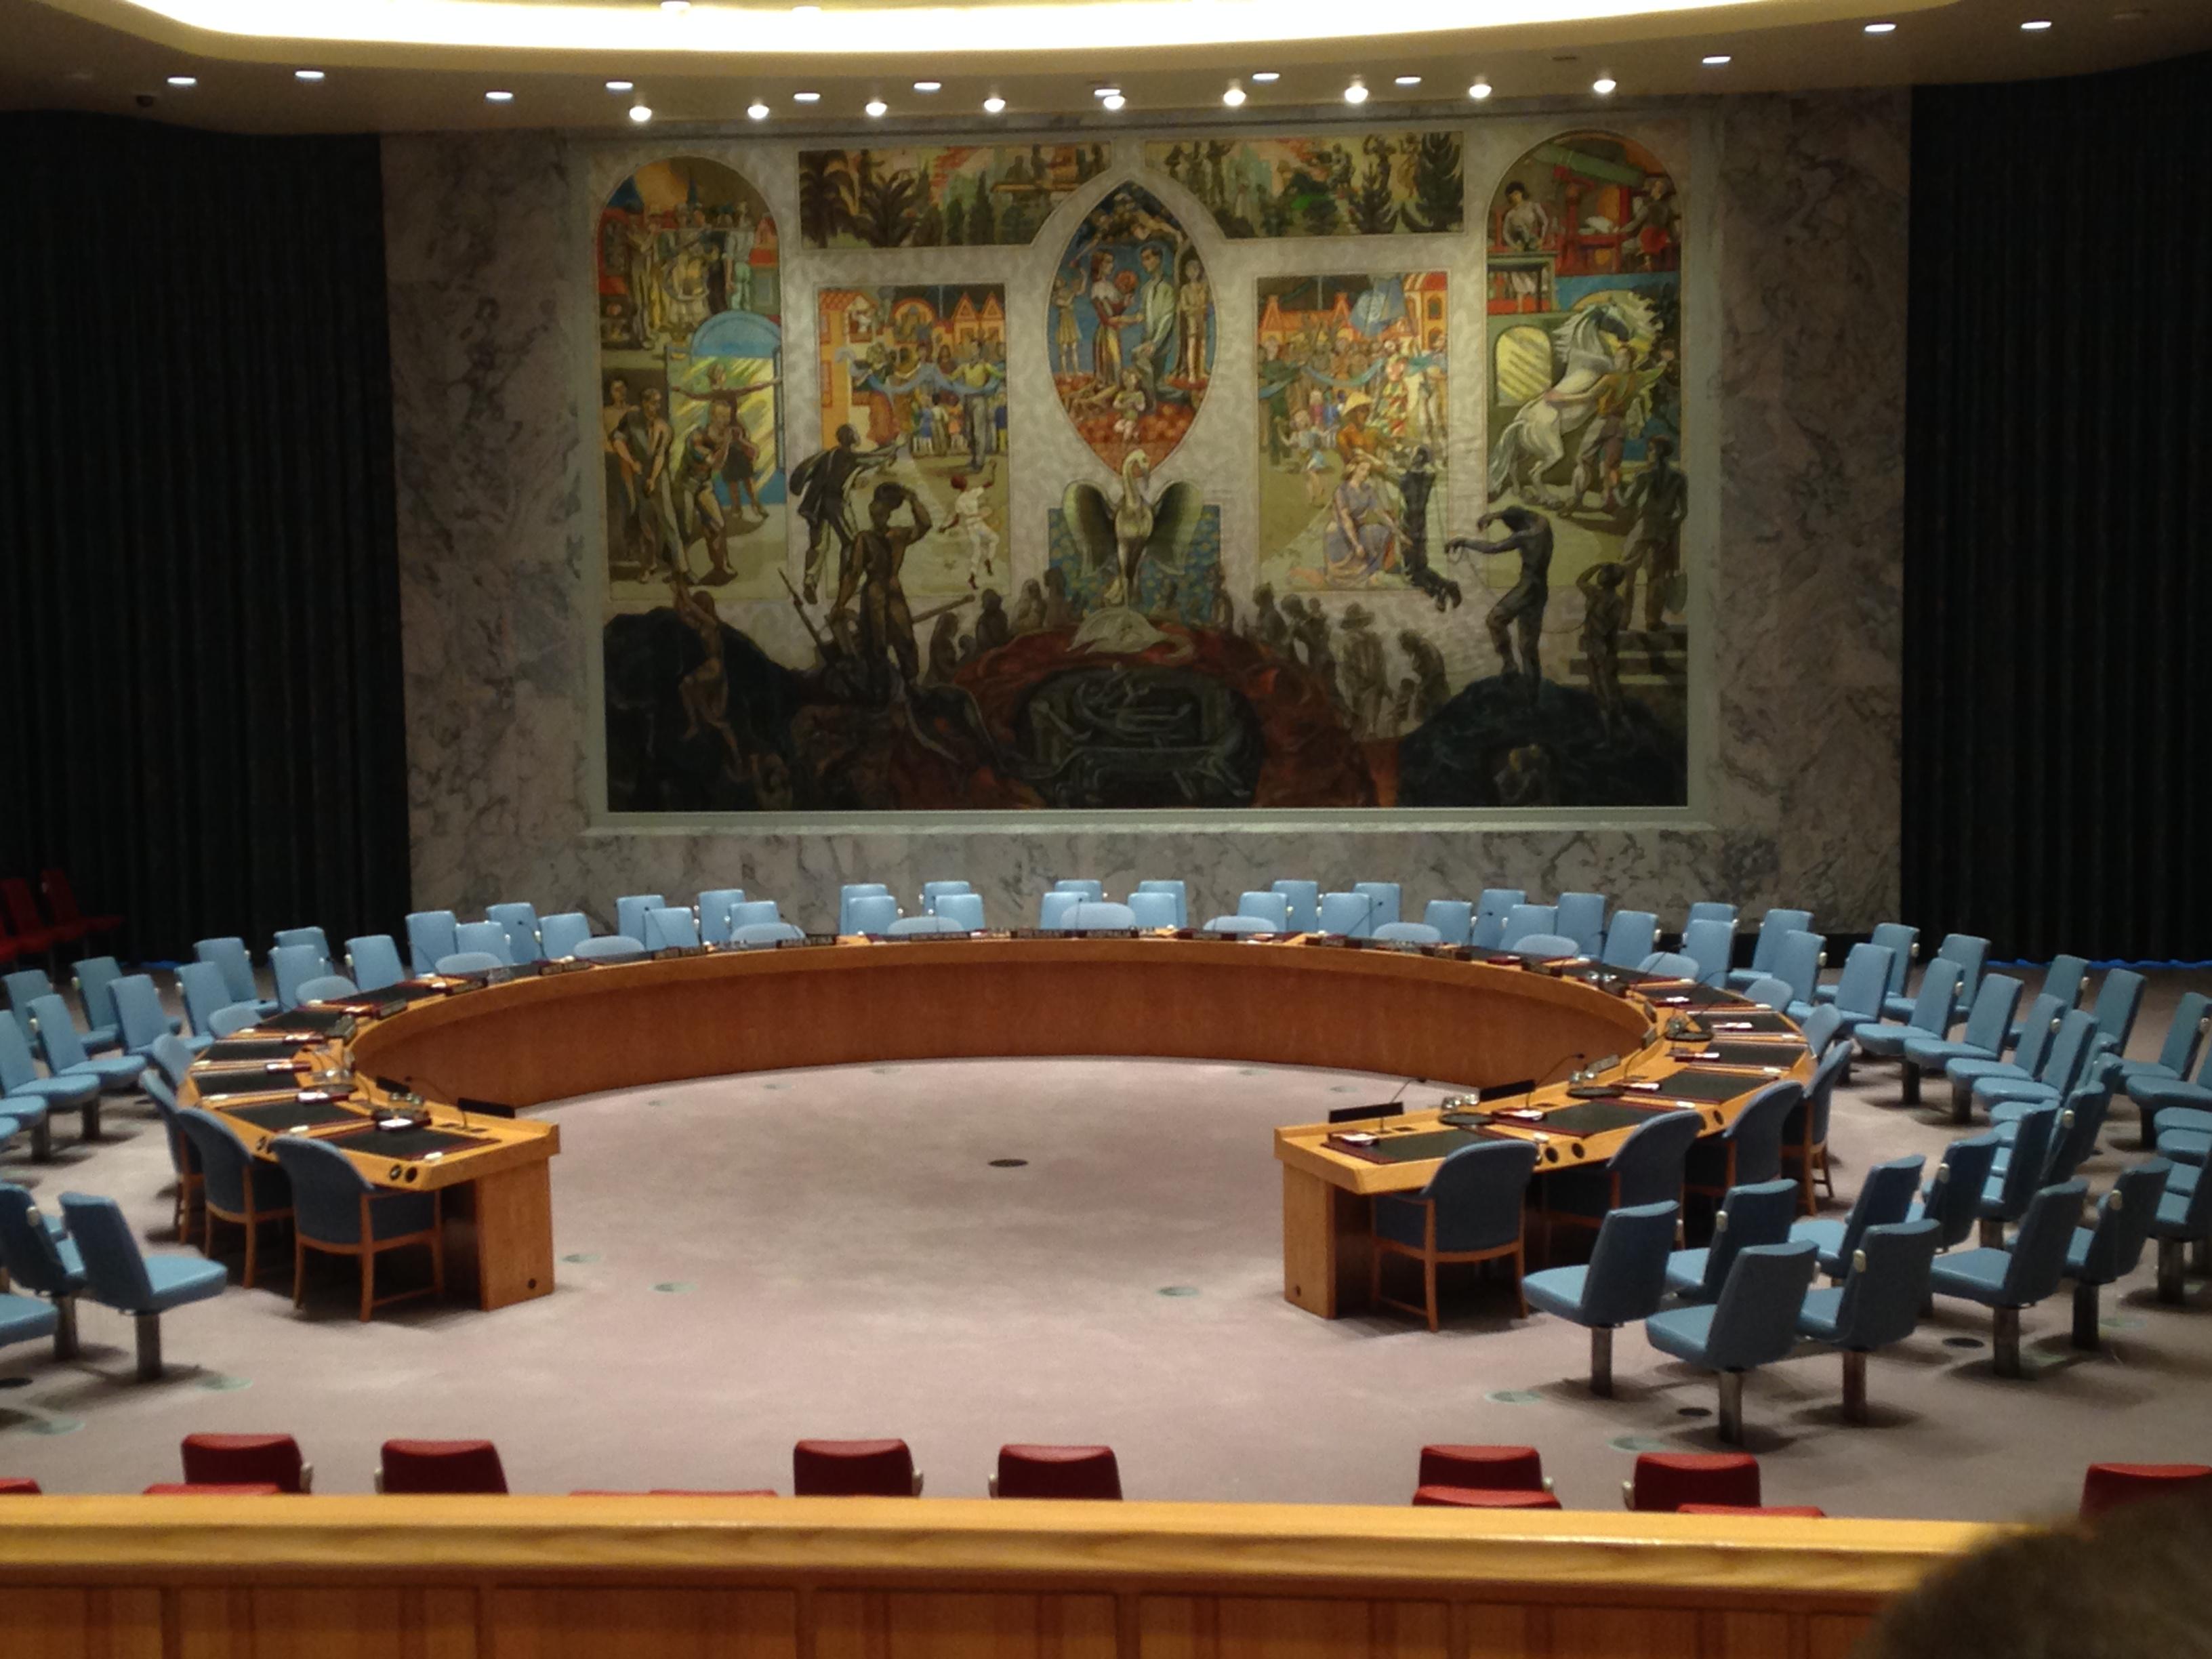 20141110 214727585 ios - Visitando la sede de la ONU en New York